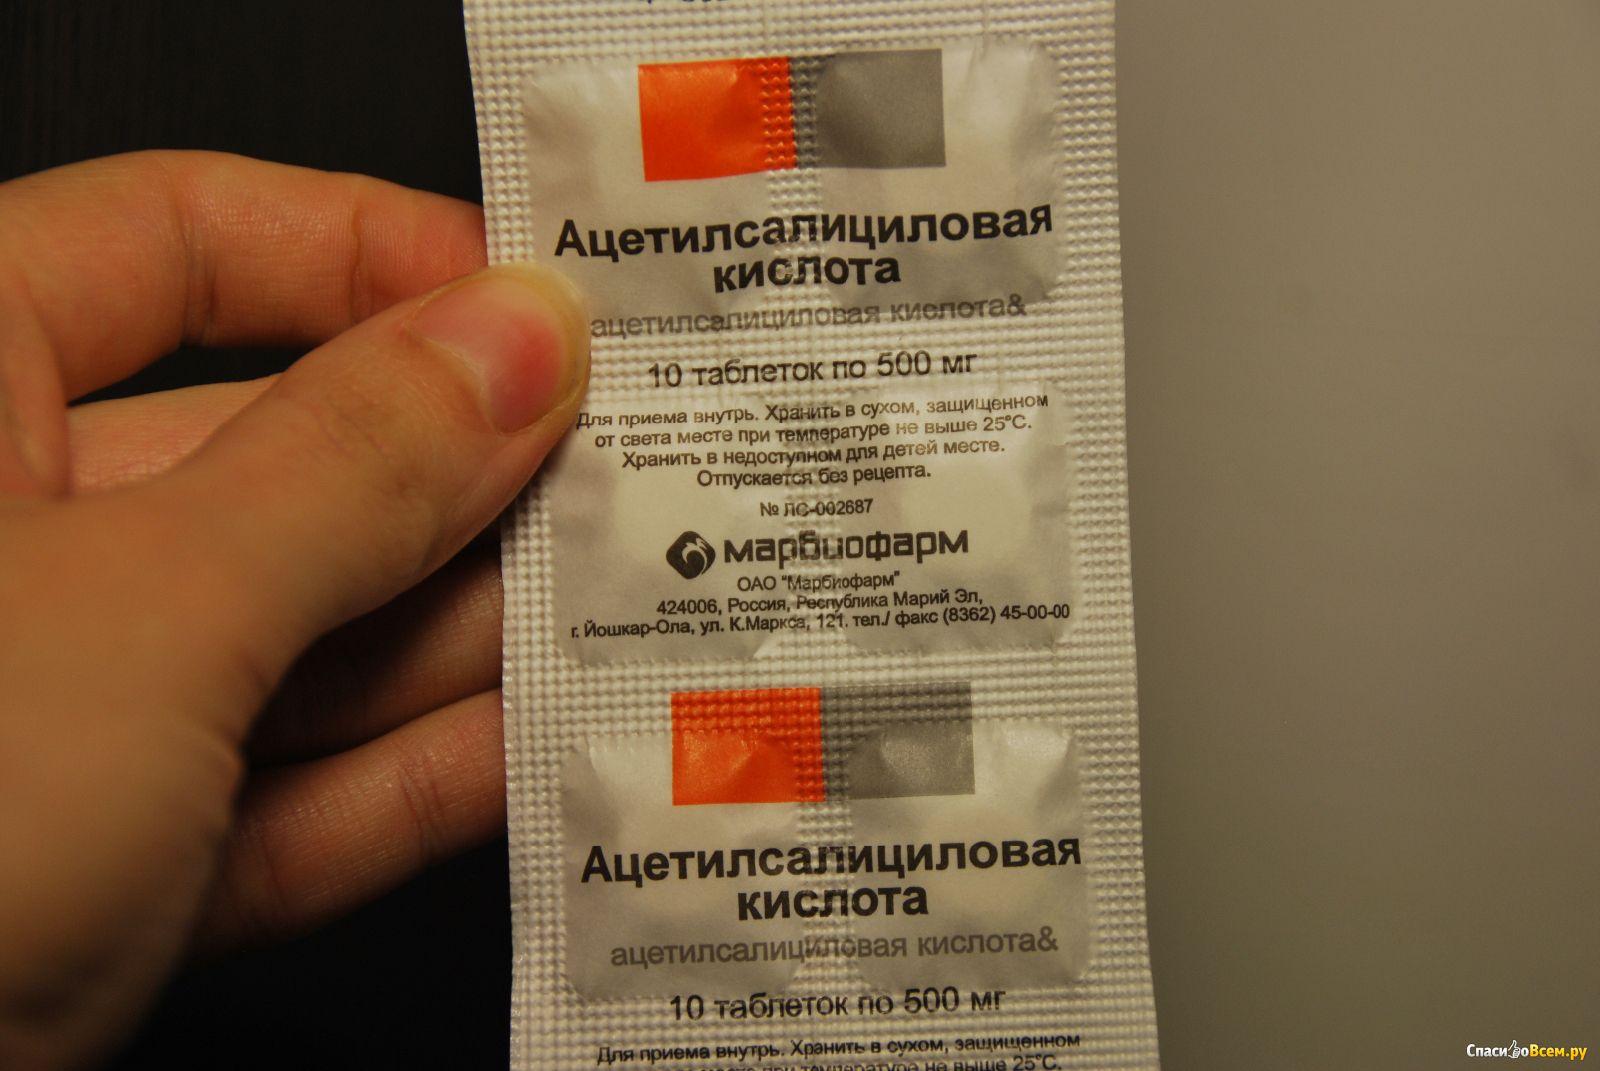 Ацетилсалициловая кислота для беременных зачем 695